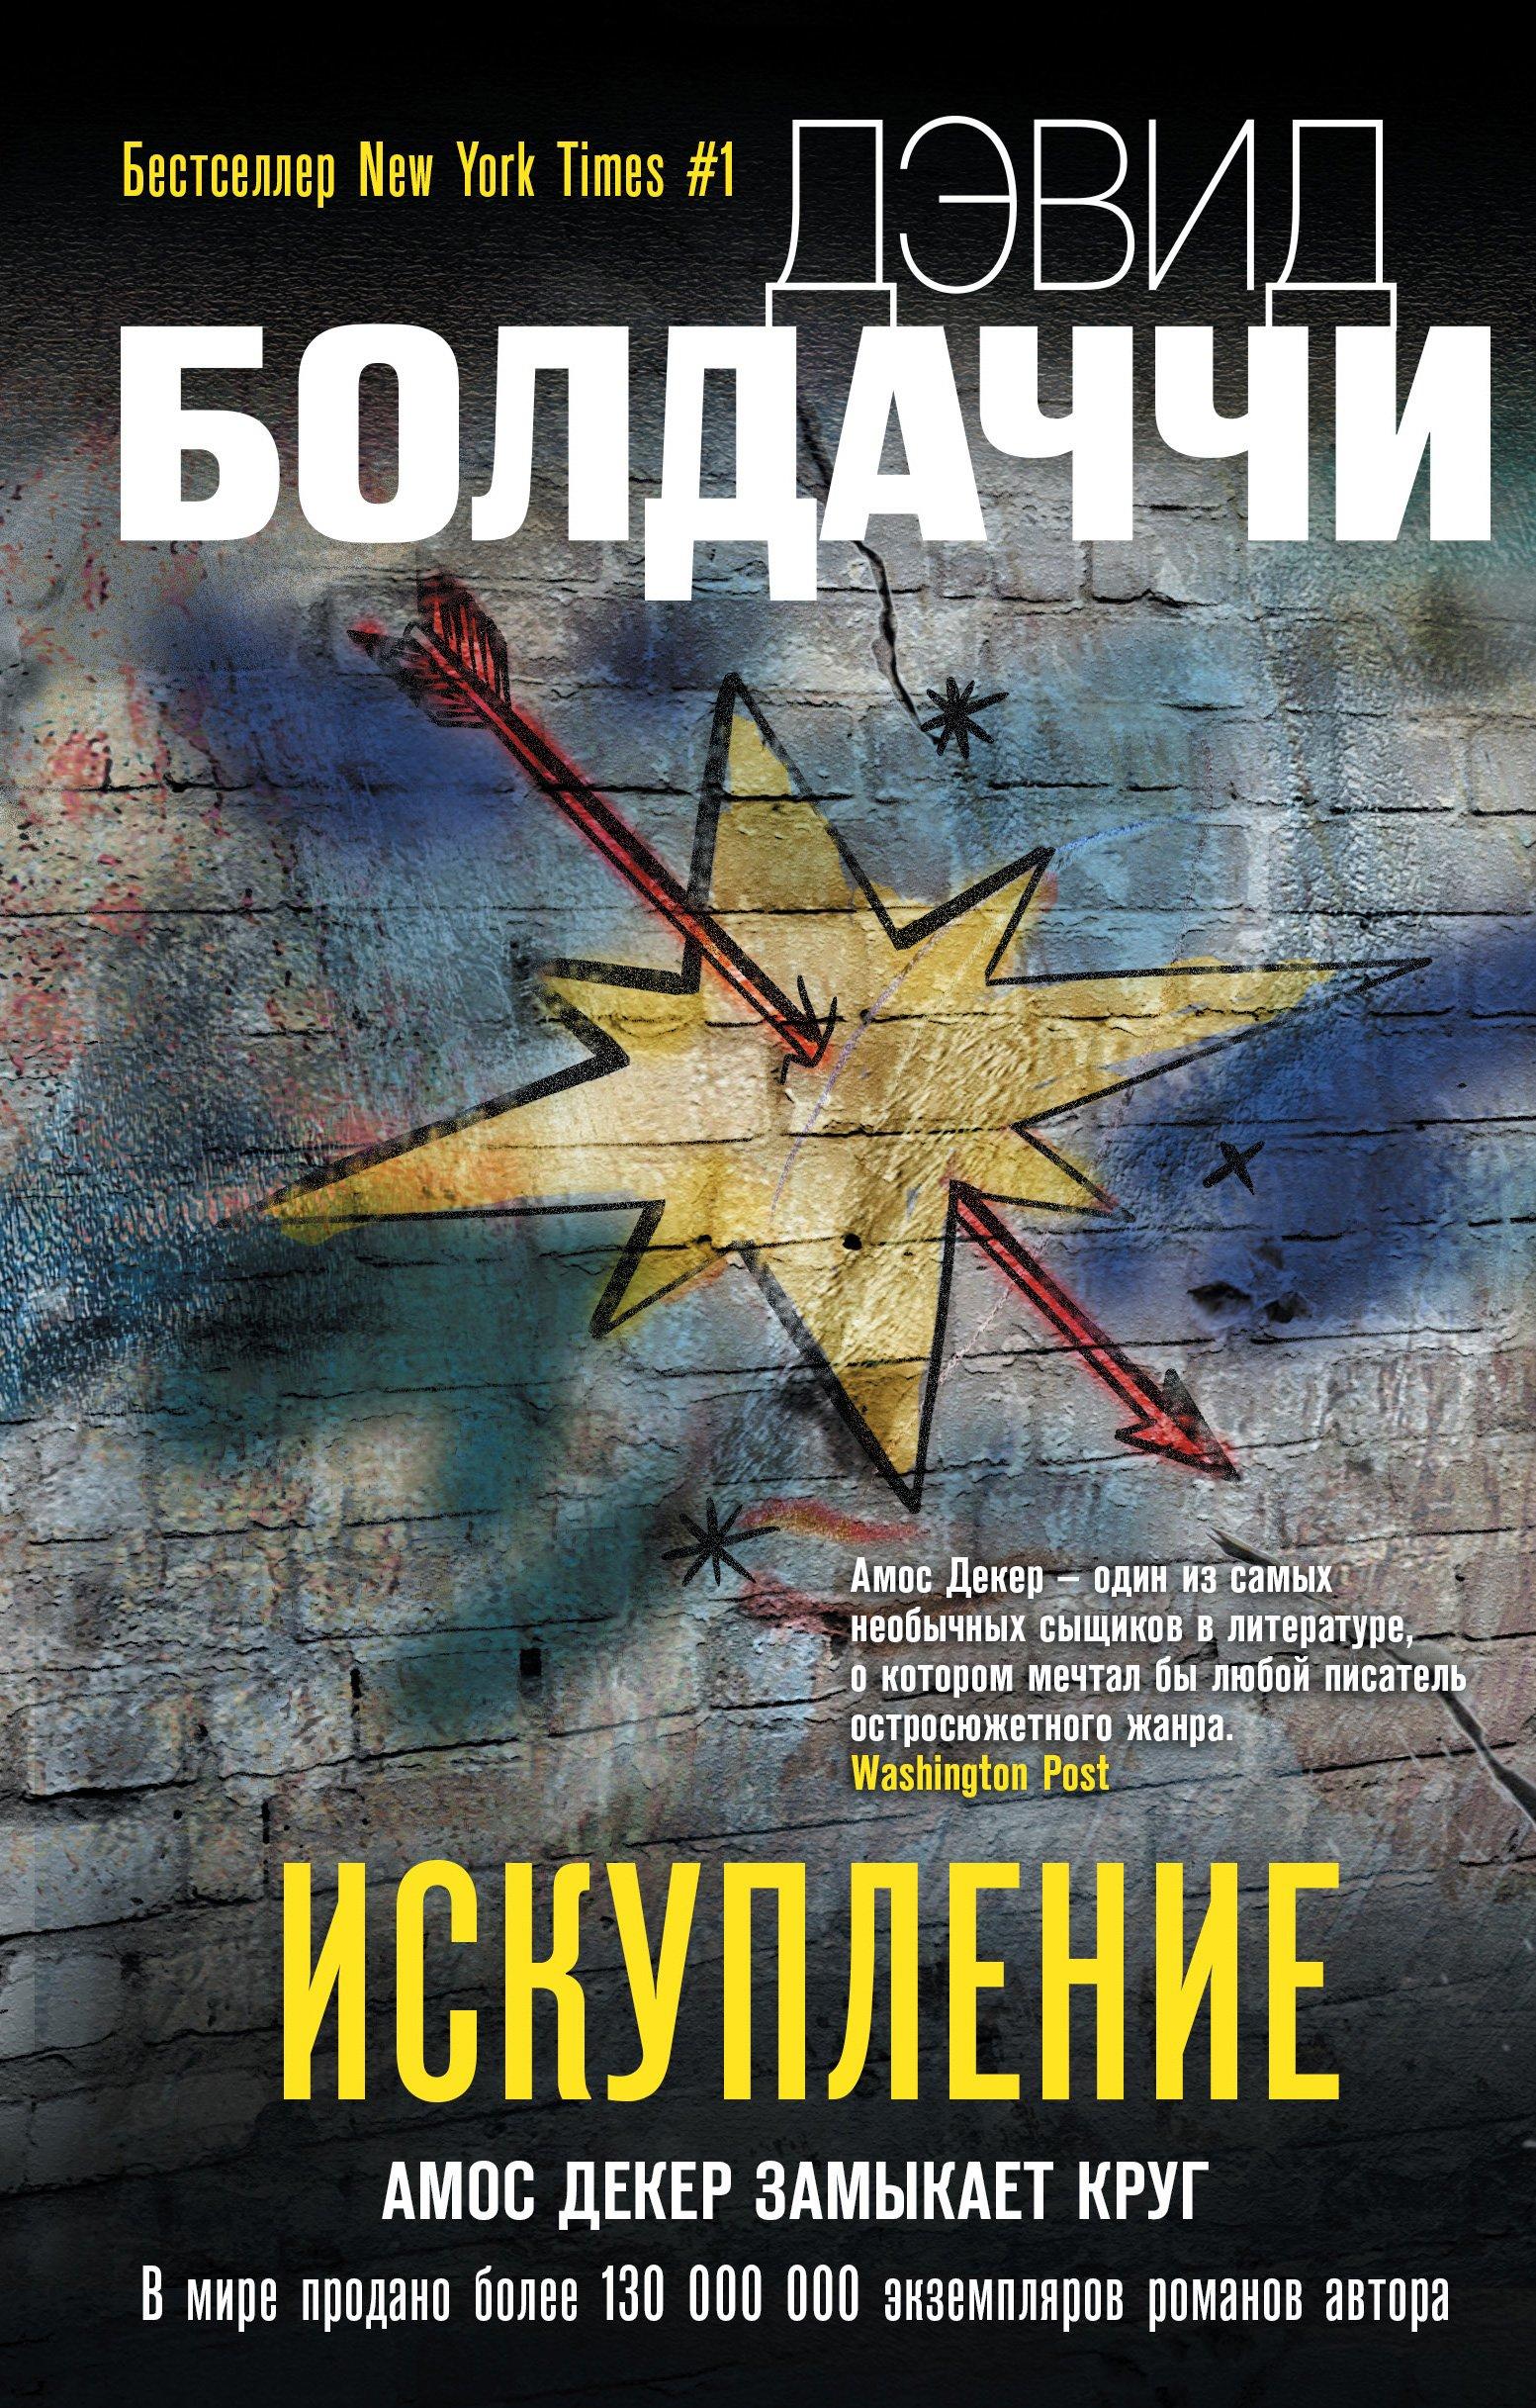 Купить книгу Искупление, автора Дэвида Болдаччи